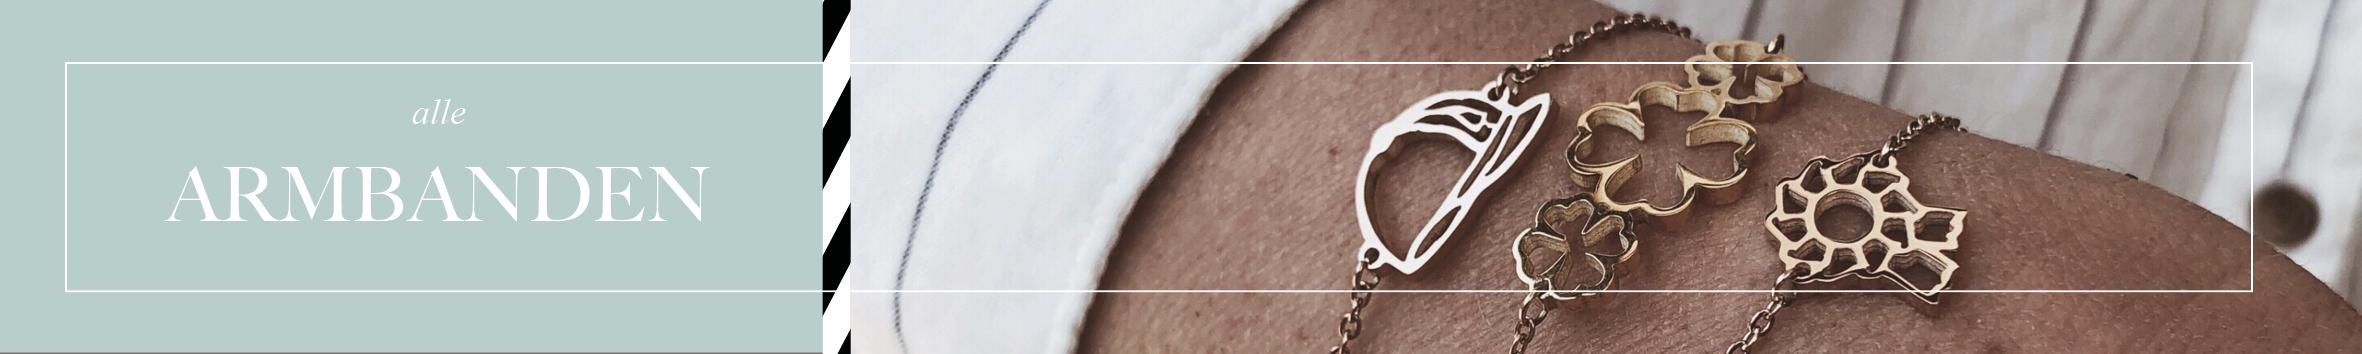 Is jouw passie paardensport? Dan zijn onze trendy sieraden echt iets voor jou! Spot ook onze armband met hoefijzer in de kleur zilver, goud of rosé goud.